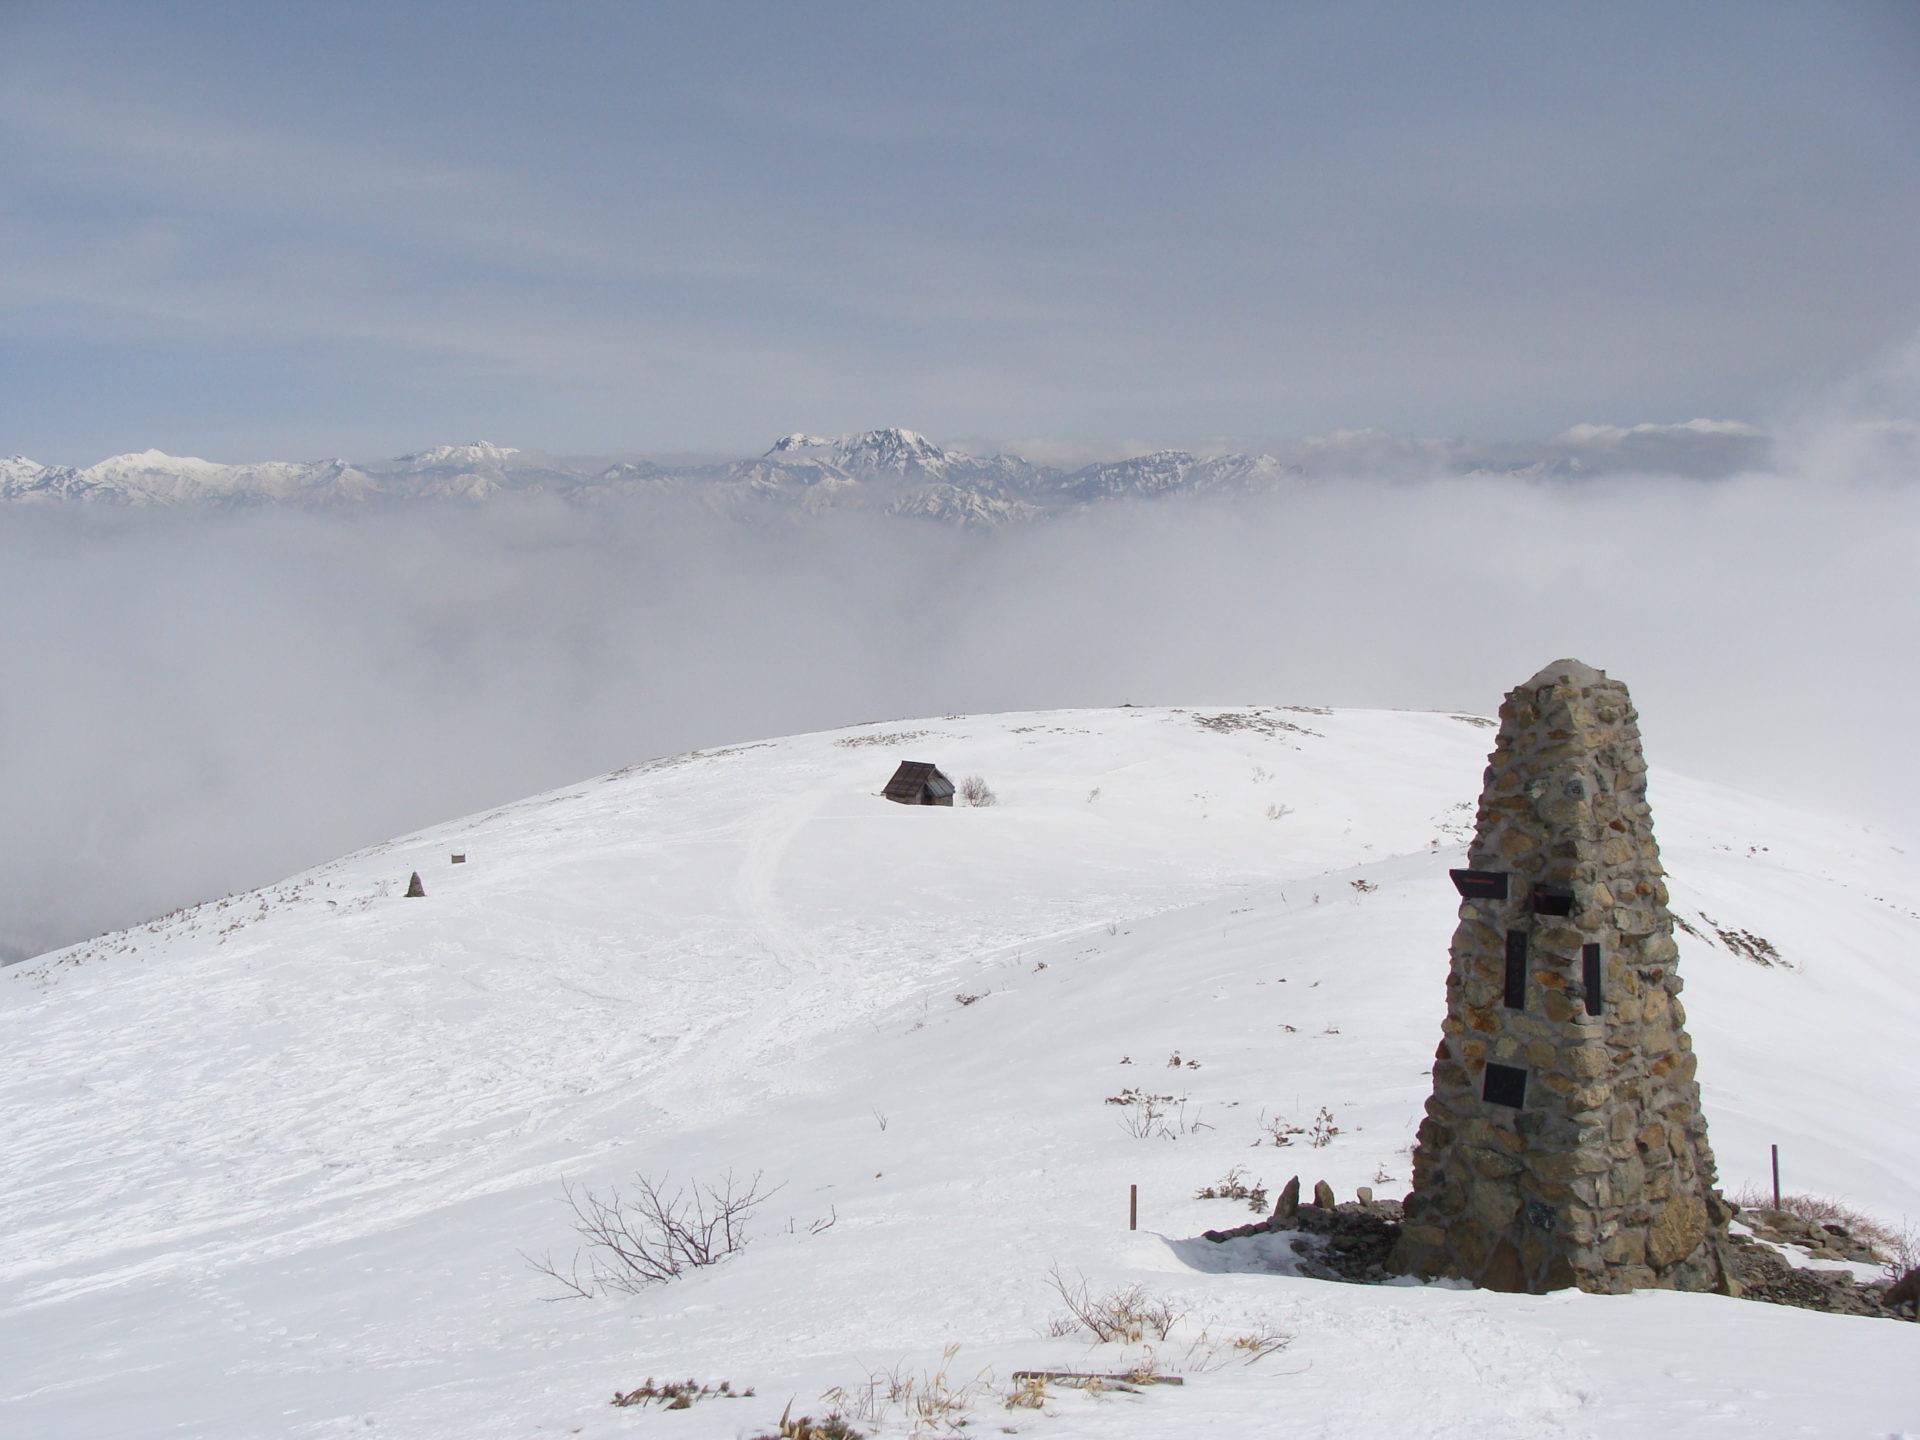 数年前のGW八方尾根雪山トレッキング